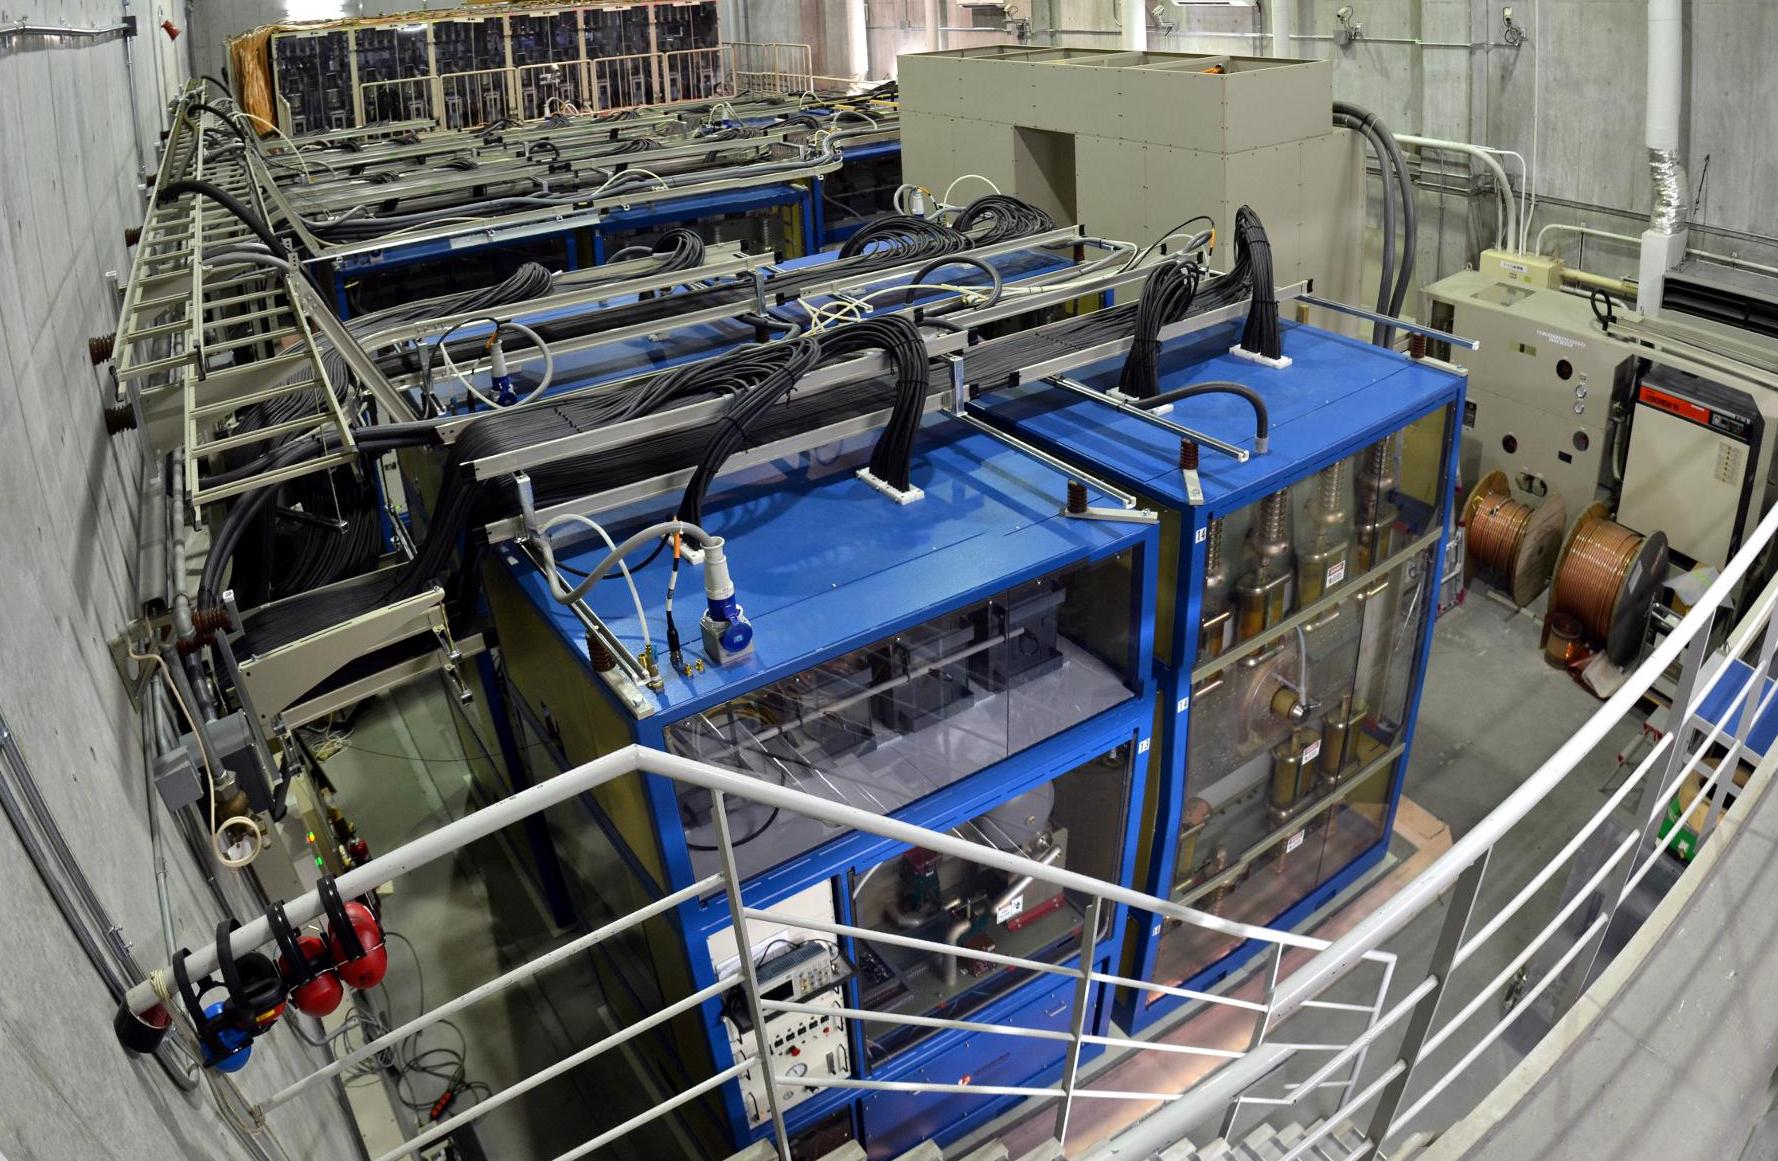 12-Kanal-Digitizer liefert Präzision im Sub-Nanosekunden-Bereich